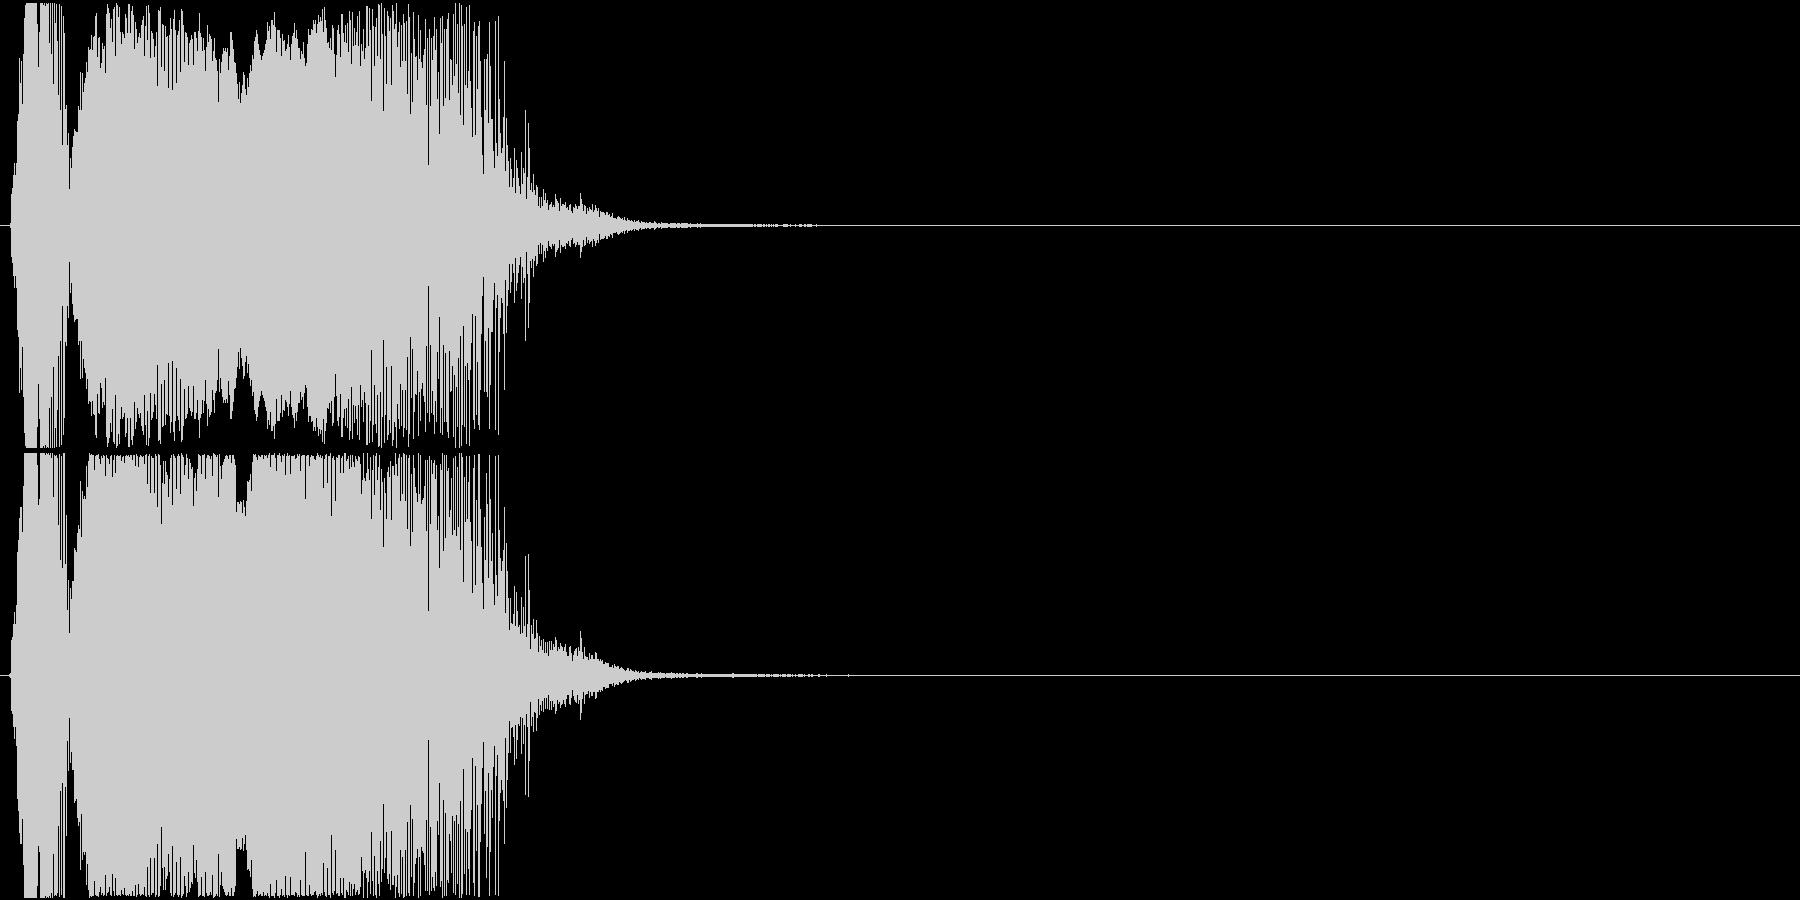 「カモン」アプリ・ゲーム用の未再生の波形